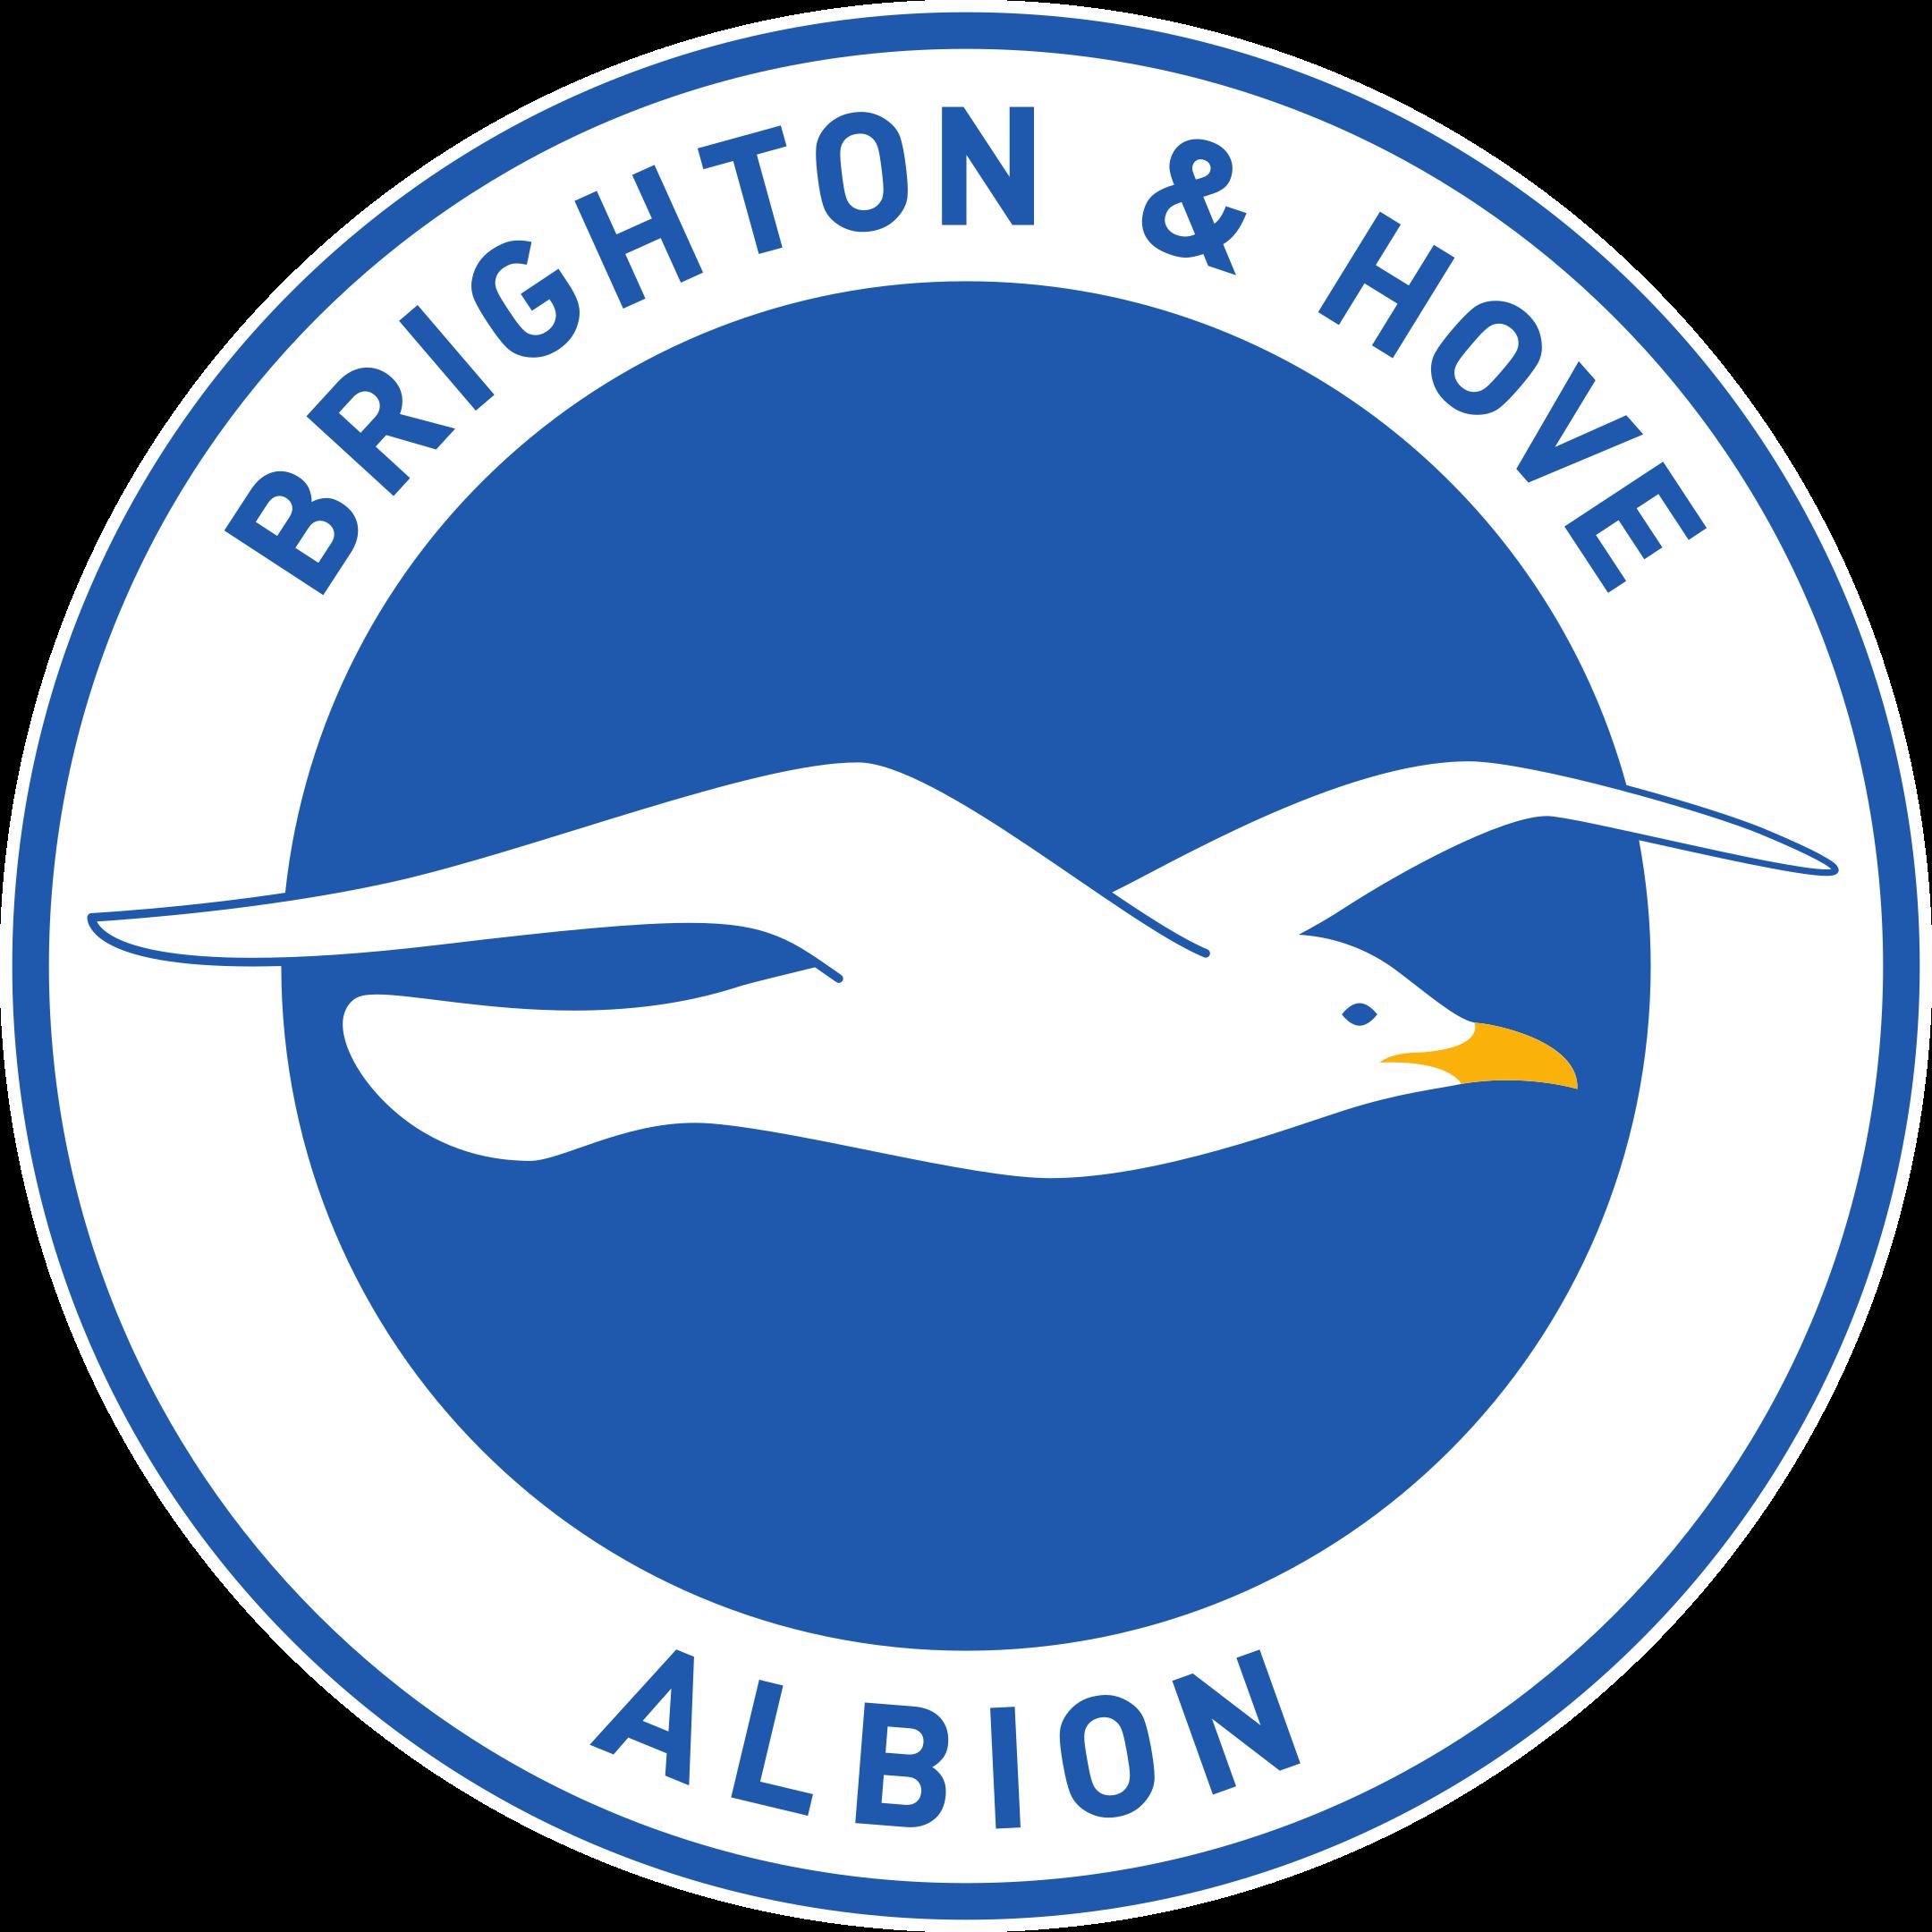 brighton hove albion logo 1 - Brighton & Hove Albion FC Logo